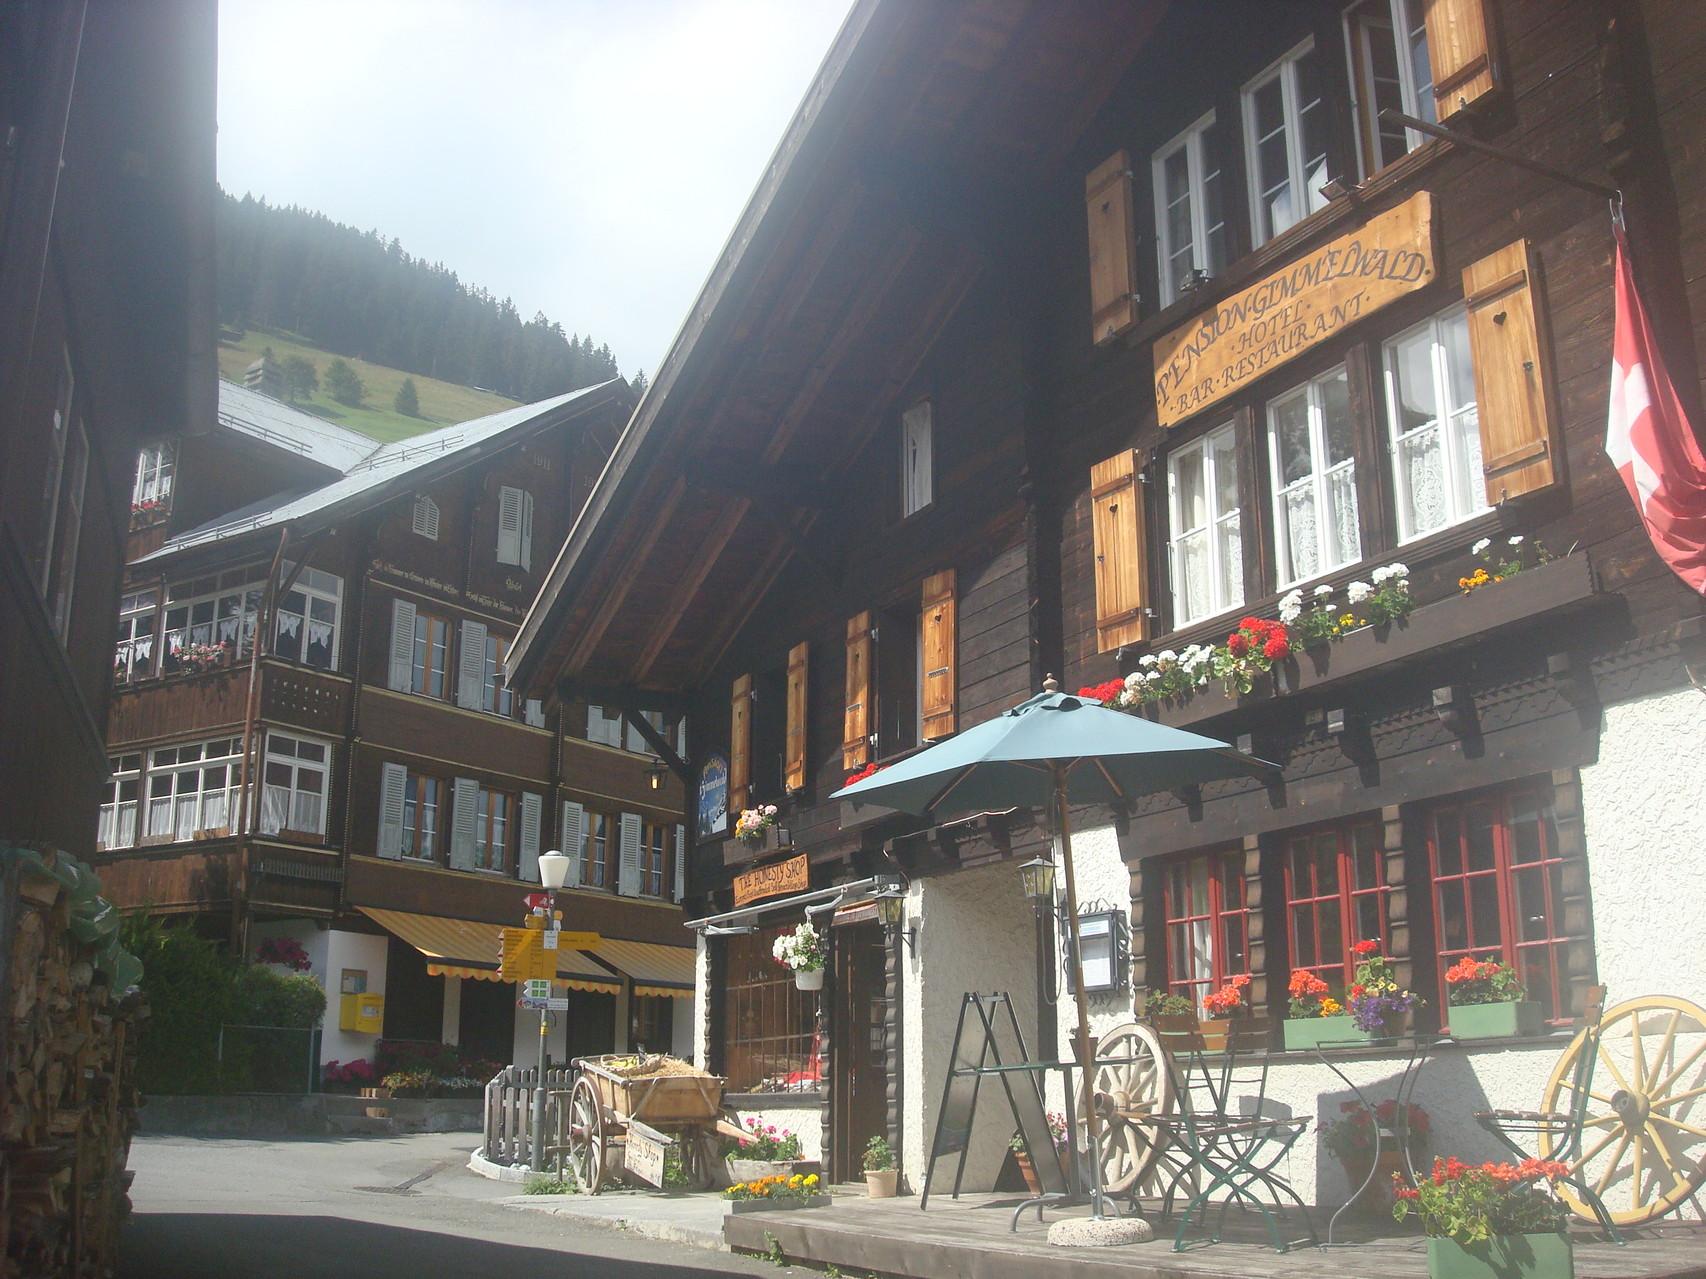 Mit der Luftseilbahn gings zum Dorf Gimmelwald, unterhalb Mürren.